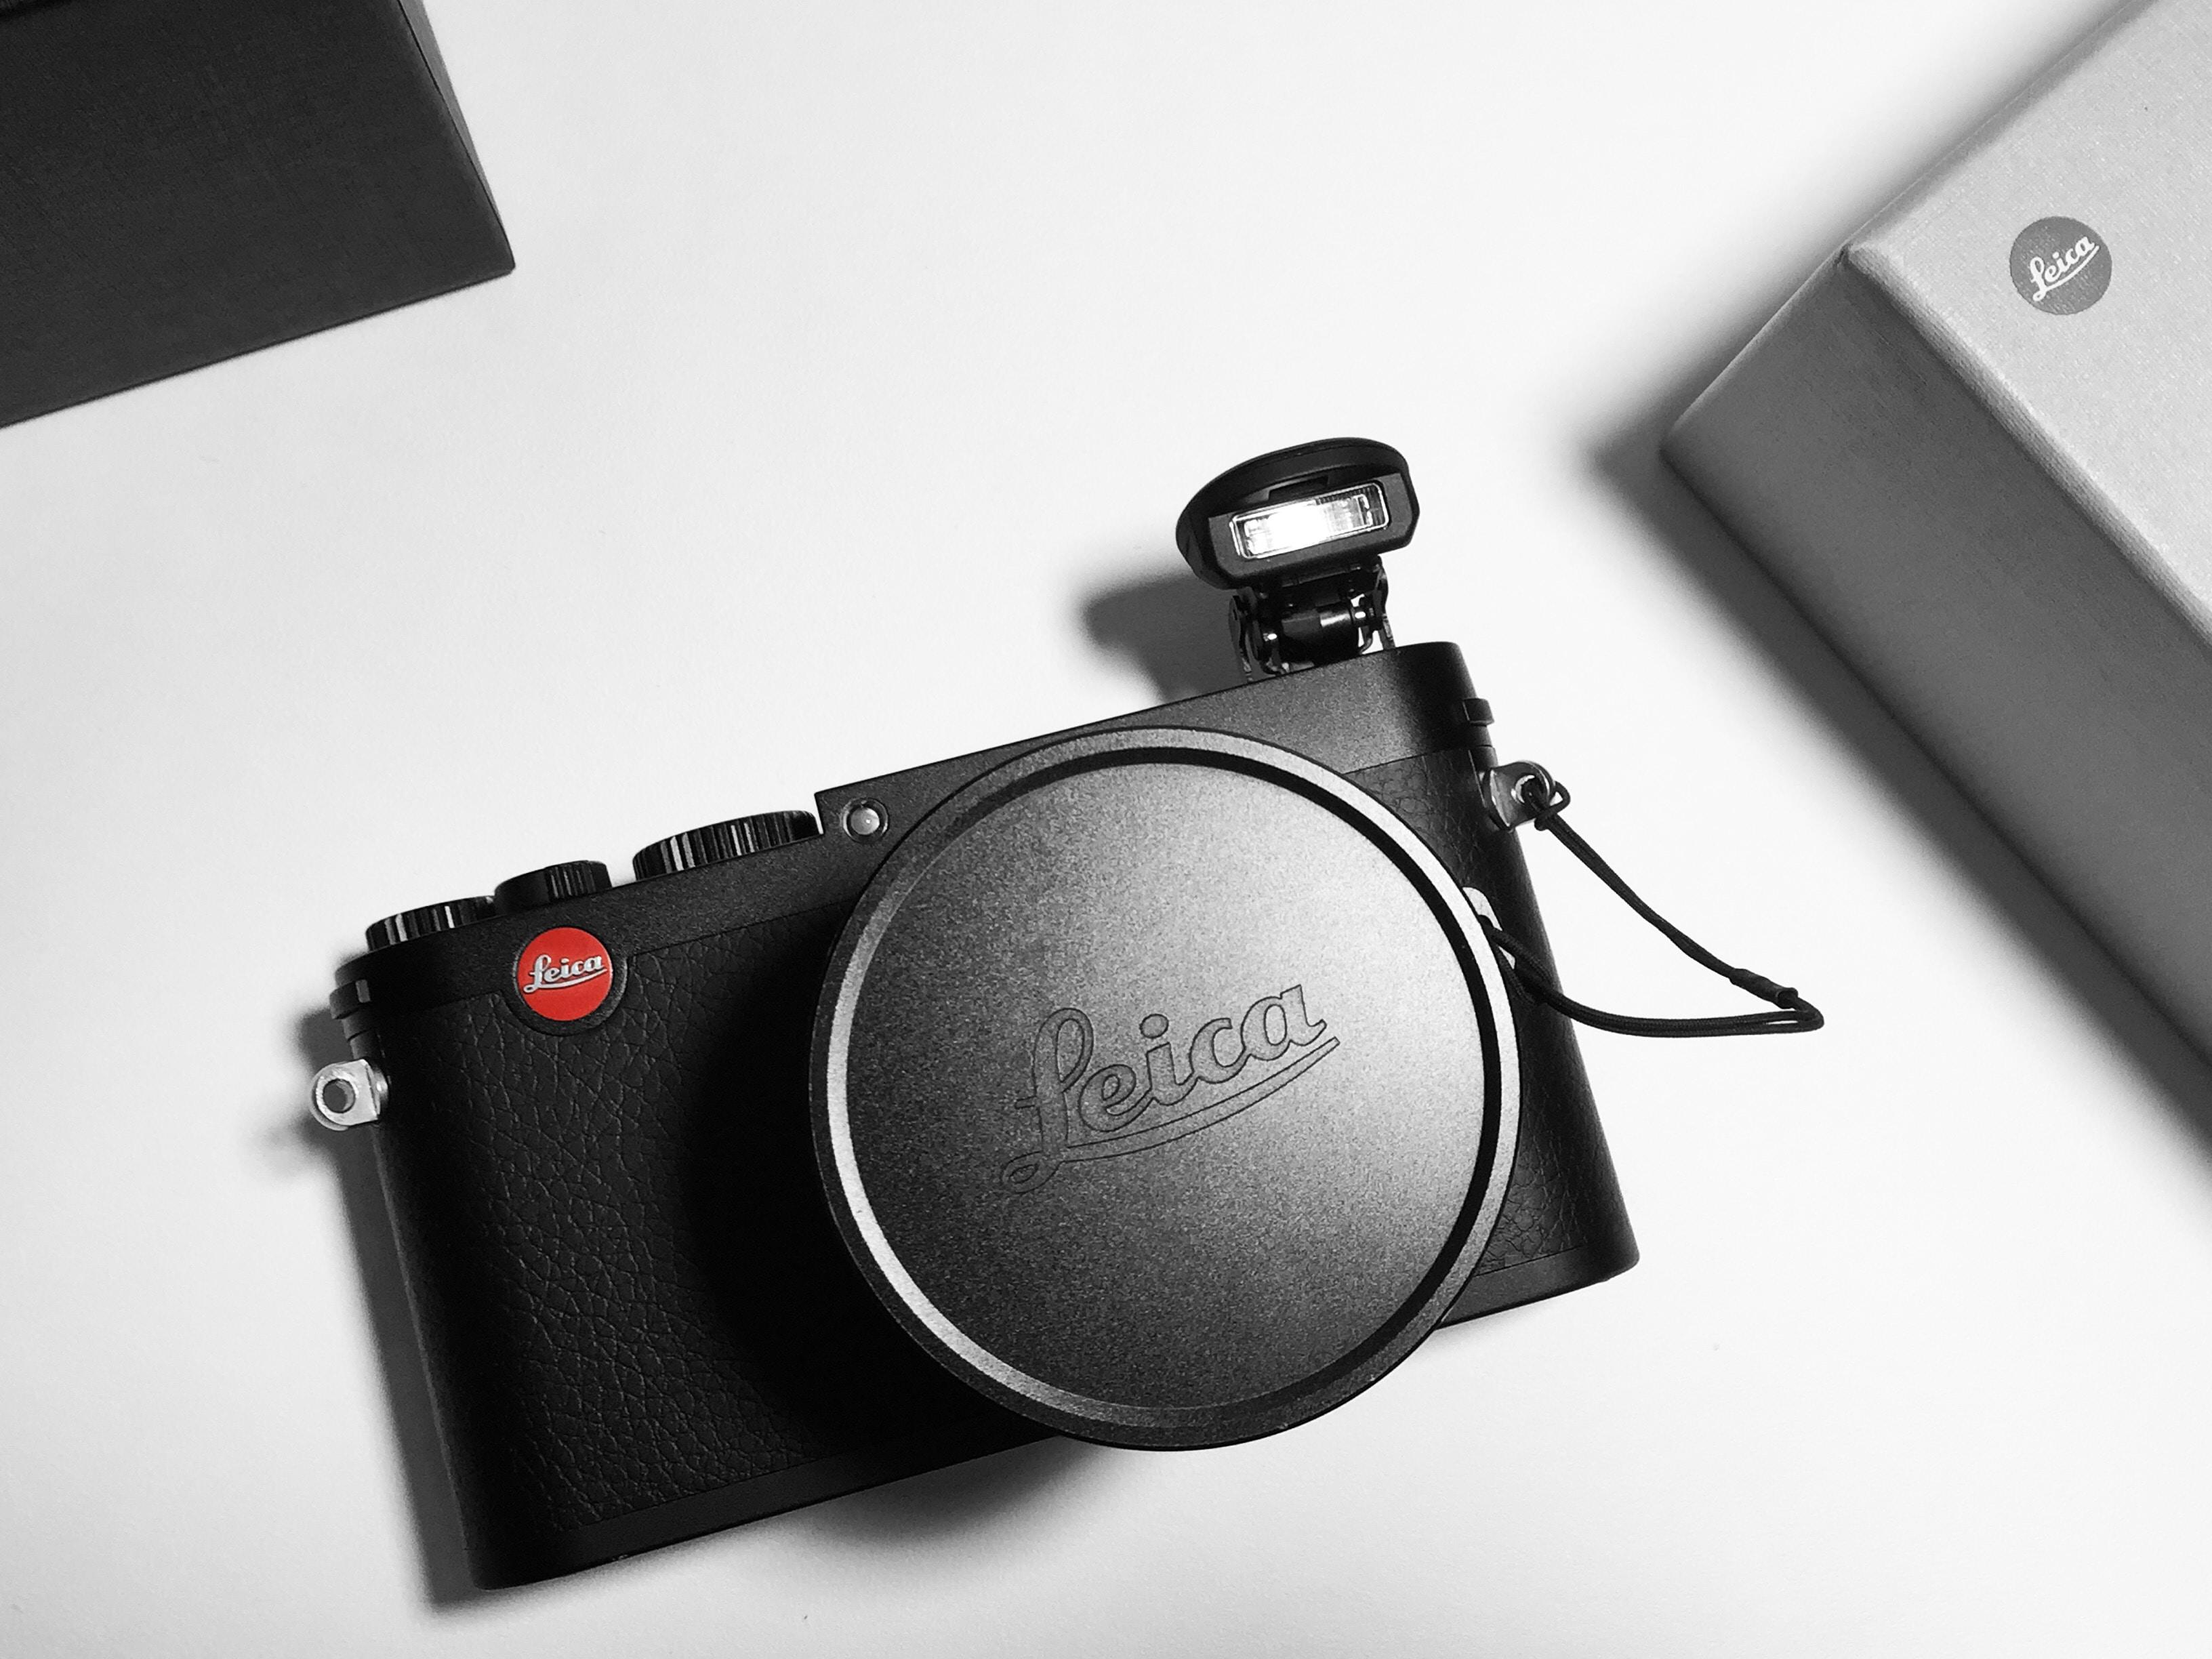 Teste die neueste Kamera!